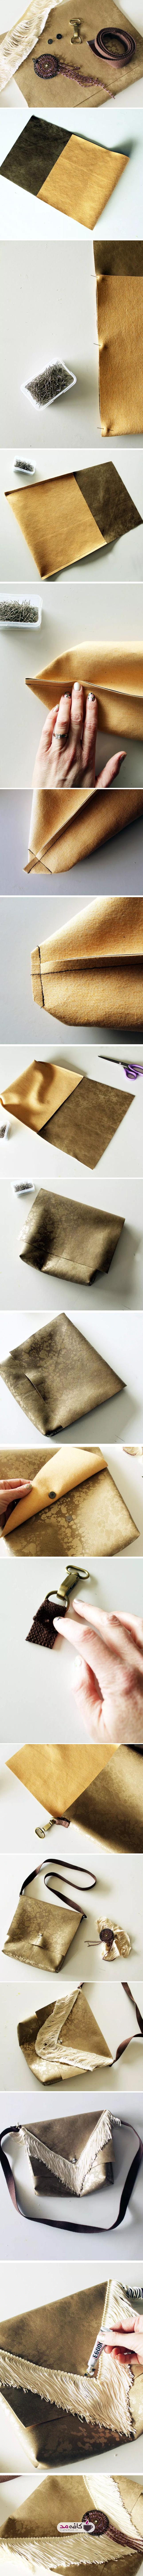 آموزش درست کردن کیف با حاشیه